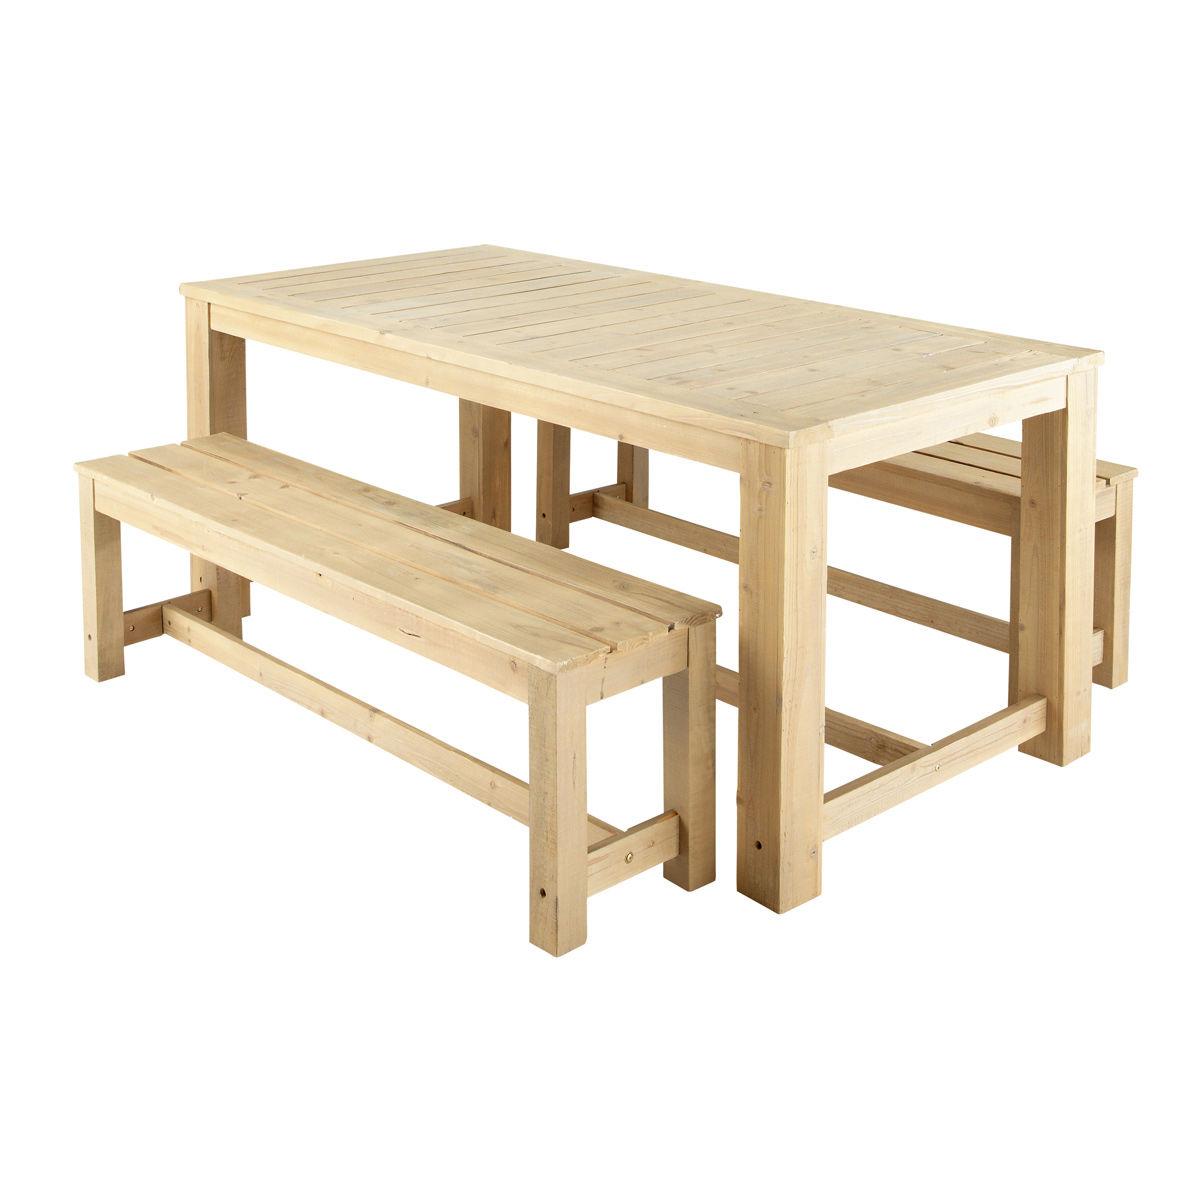 Tavolo Da Giardino In Legno Con Panchine.Tavolo Da Giardino In Legno Moloney Info